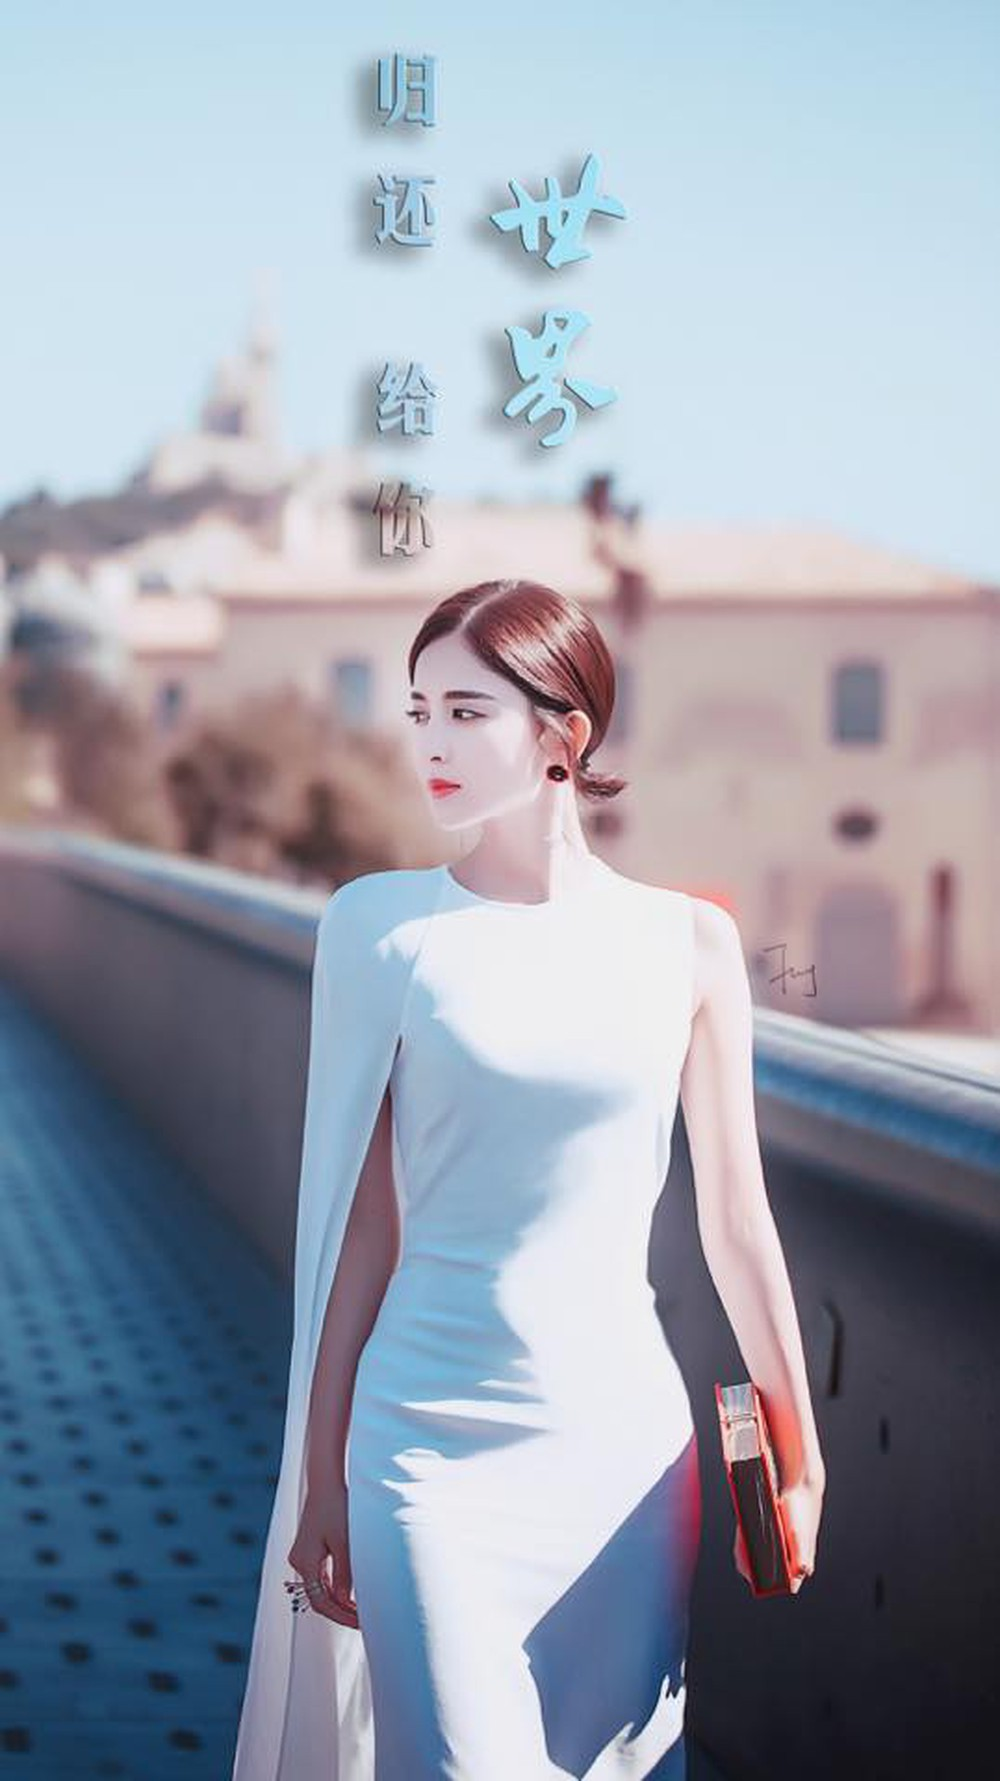 VZN News: 5 nhà mốt trên màn ảnh Trung: Triệu Lệ Dĩnh có siêu năng lực biến hàng hiệu thành đồ chợ, Na Trát thở thôi cũng thấy đẹp - Ảnh 10.